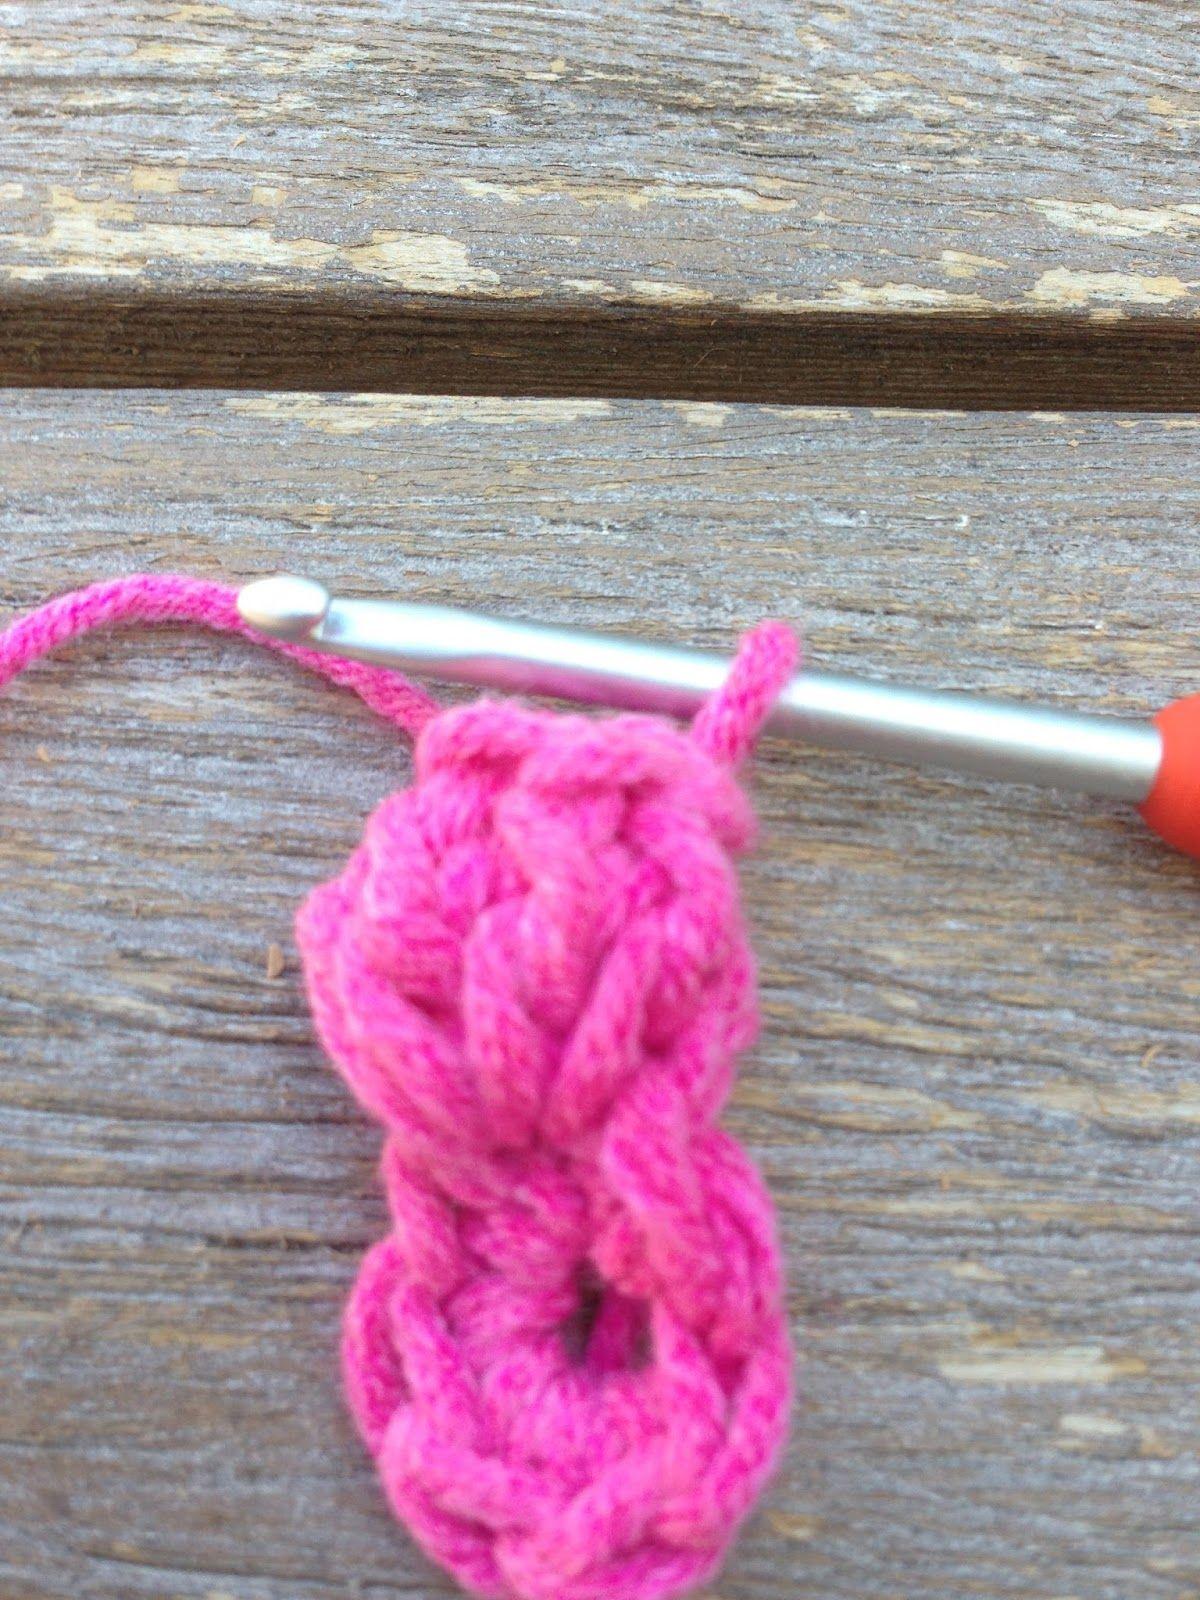 Annoo's Crochet World: Little Lady Booties Free Pattern